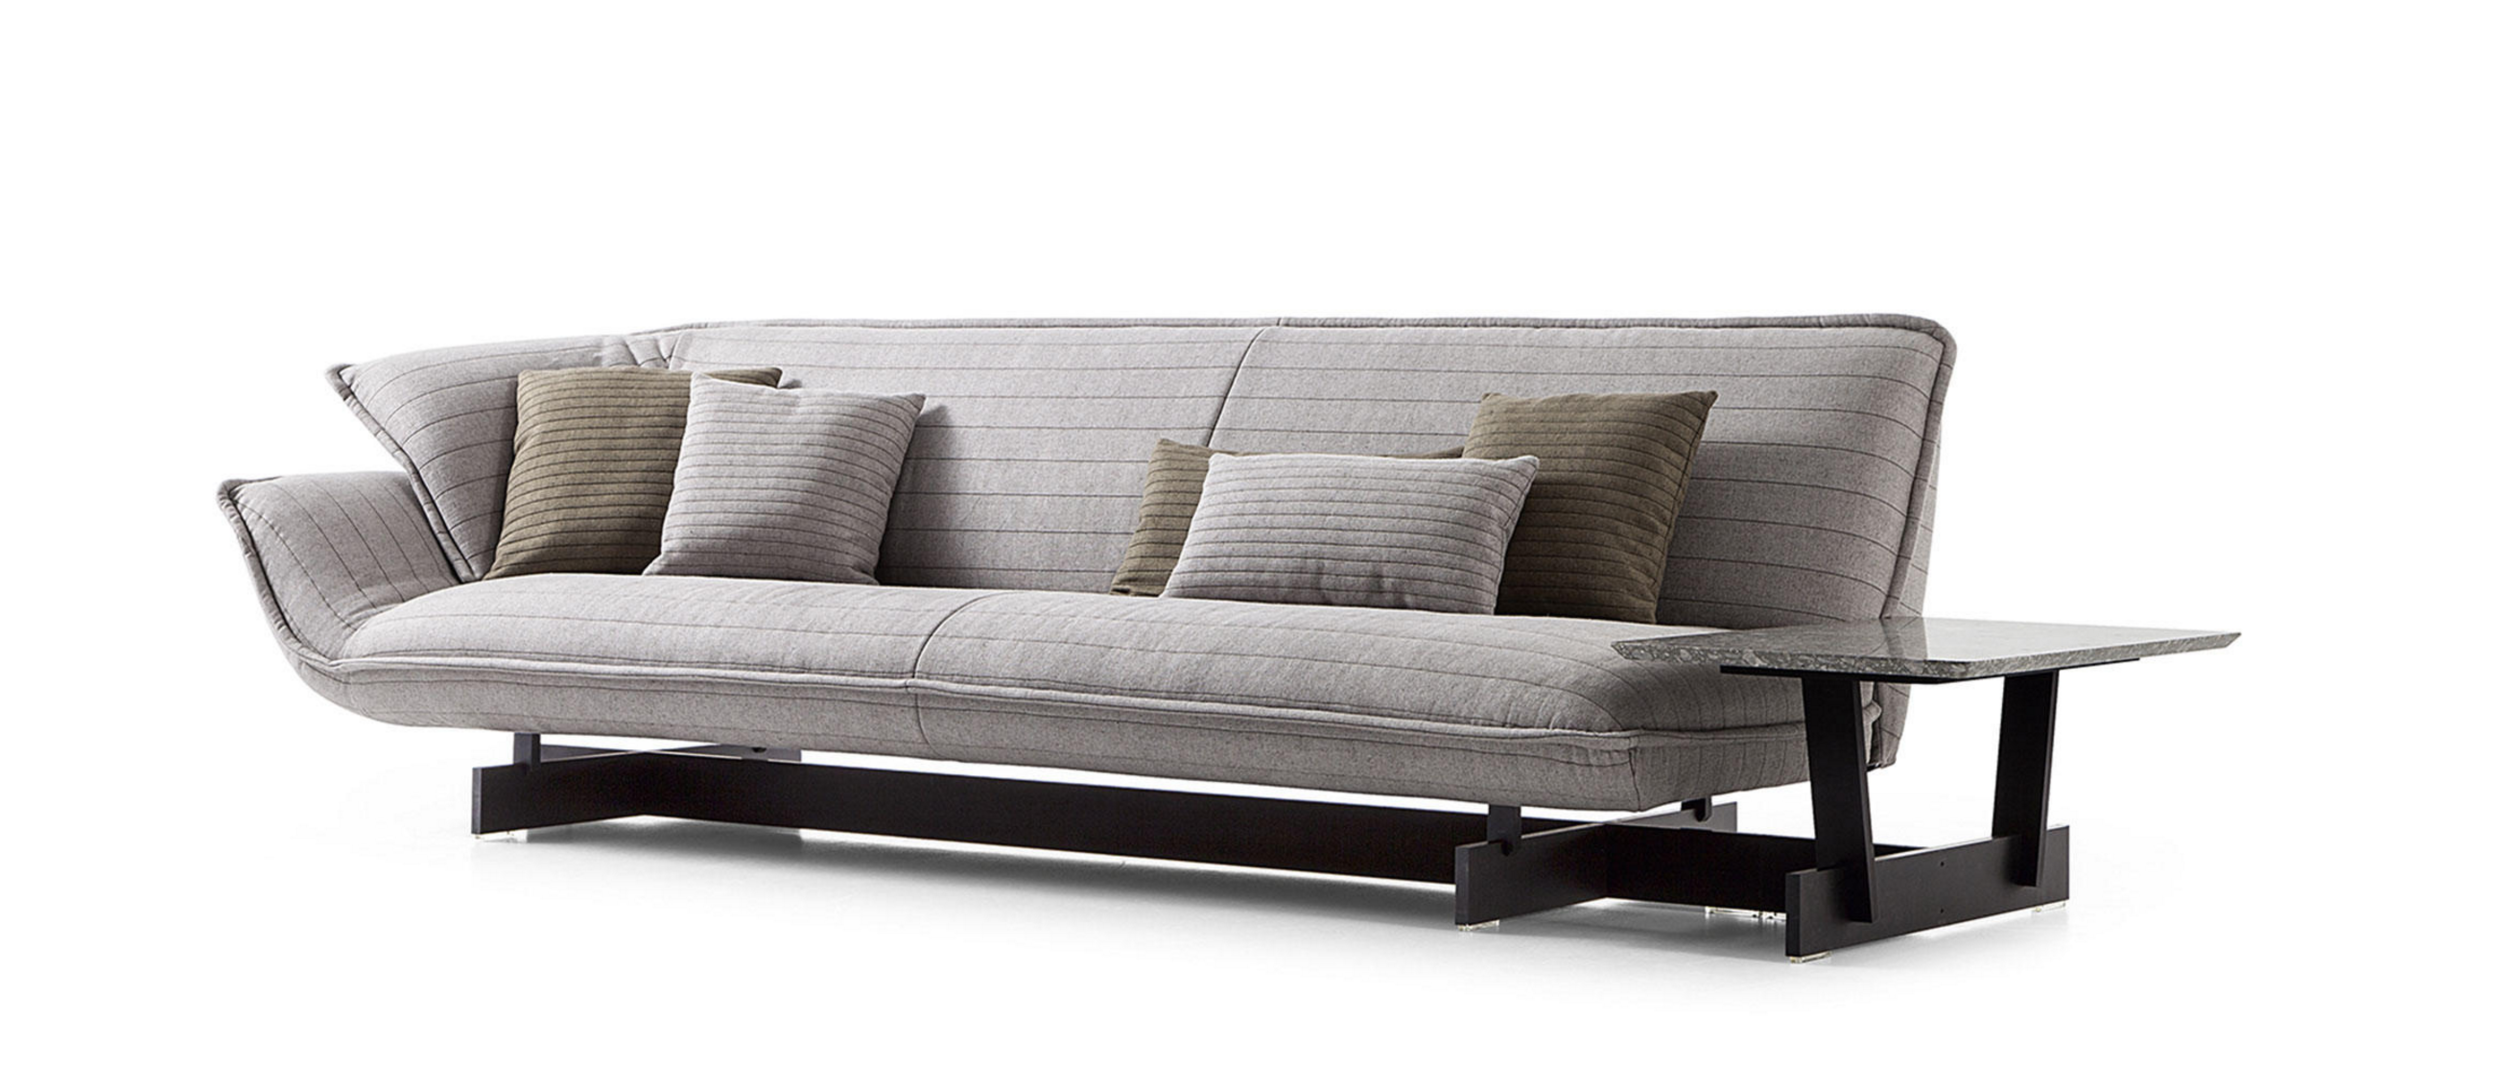 Cassina Beam zetel sofa bij Loncin door patricia Urquiola in Leuven en zoutleeuw  design meubelwinkel interieur mechelen brussel bruxelles antwerpen gent liege maastricht hasselt sint-truiden wavre  6.png